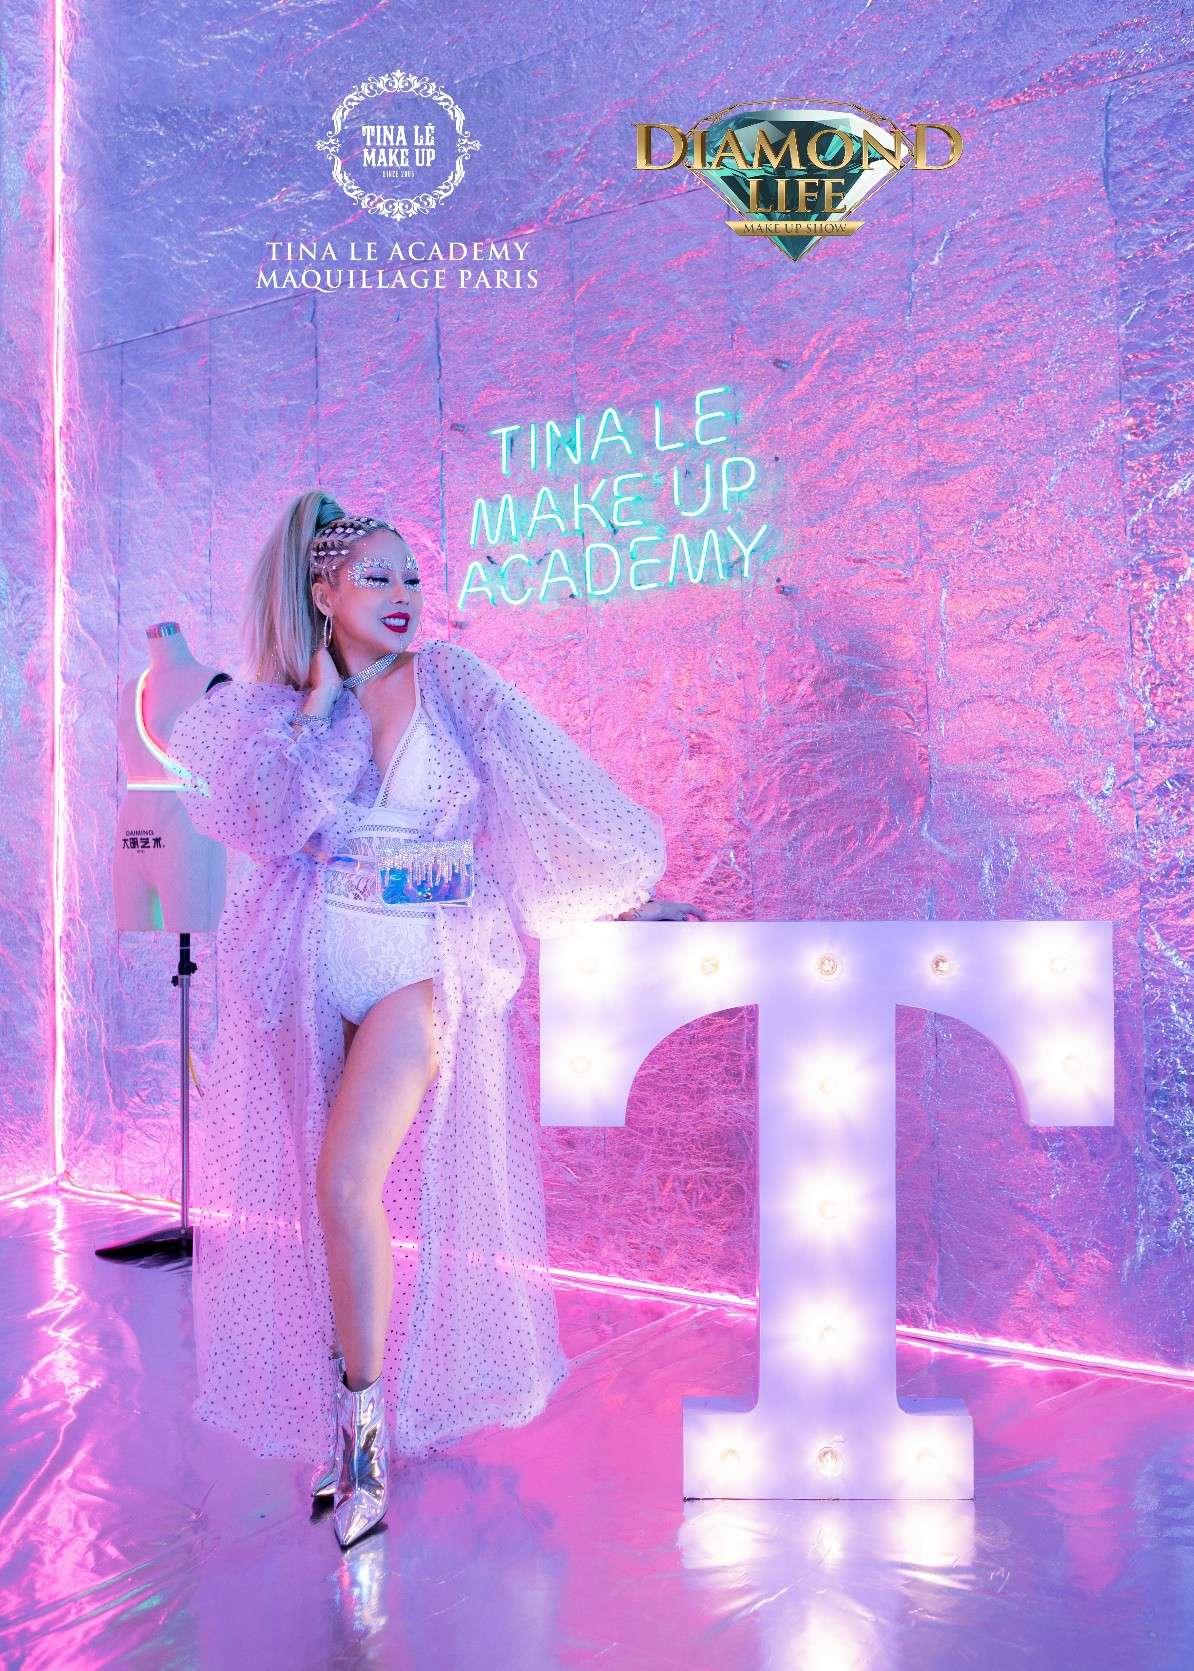 Hình ảnh phù thủy make up Tina Lê tại show Diamond Life